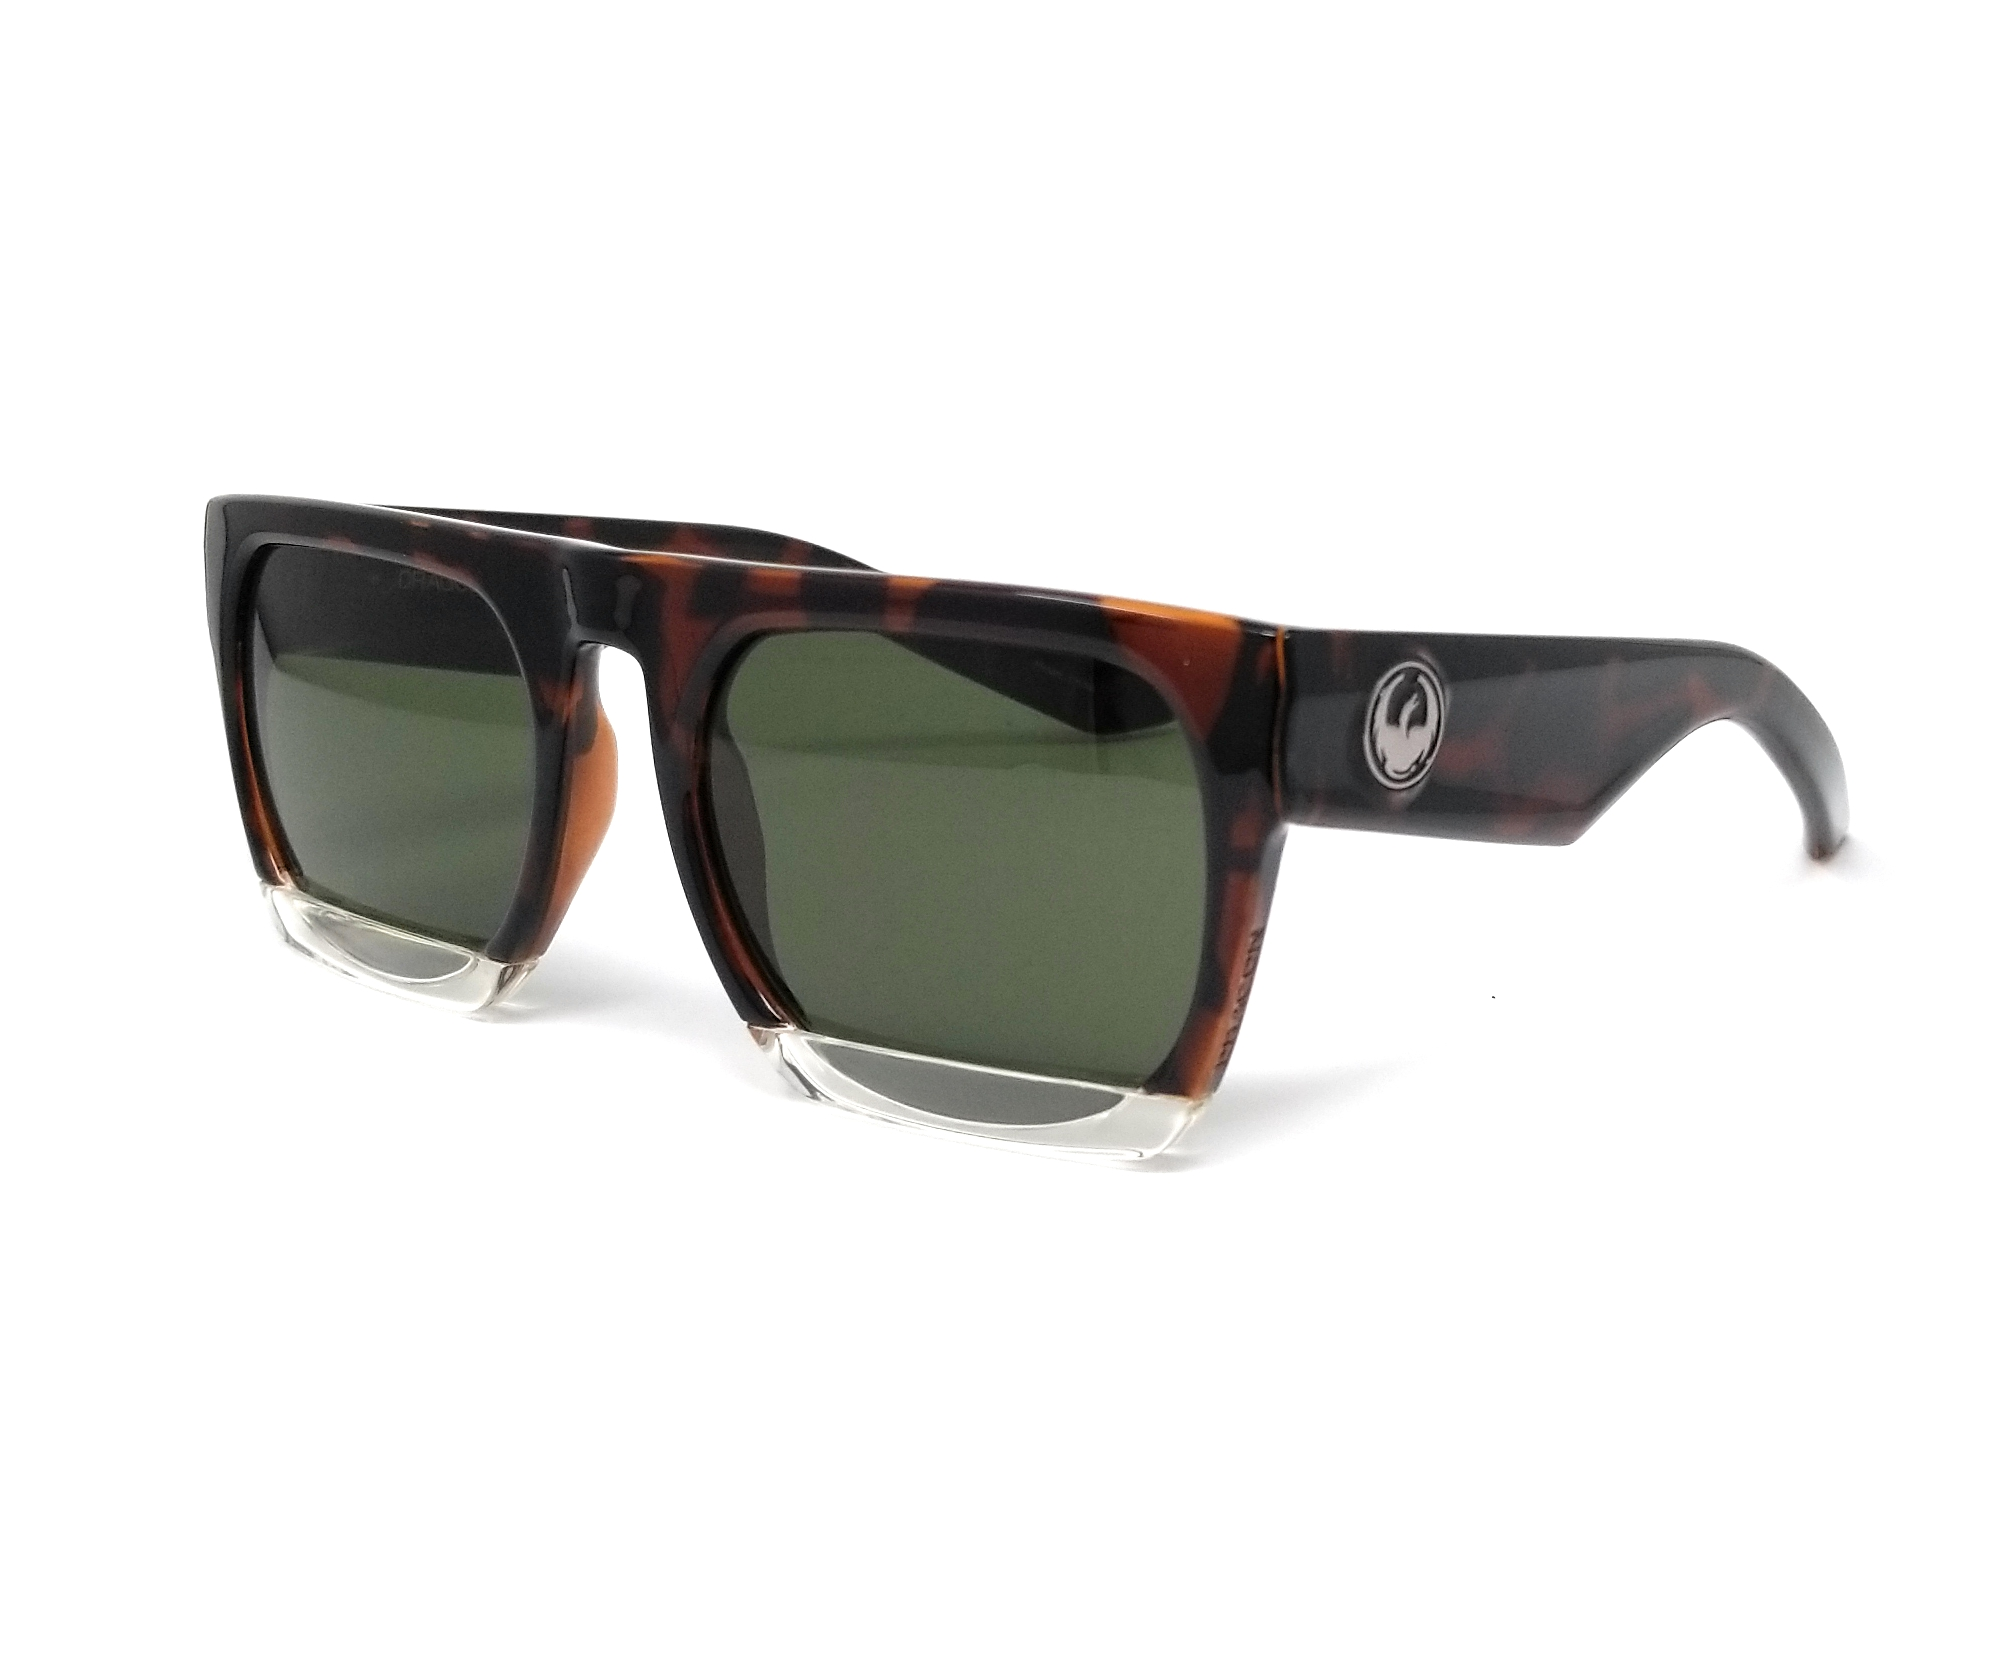 Dragon Alliance Blindside Tokyo Tortoise Frame with Green Lens Sunglasses